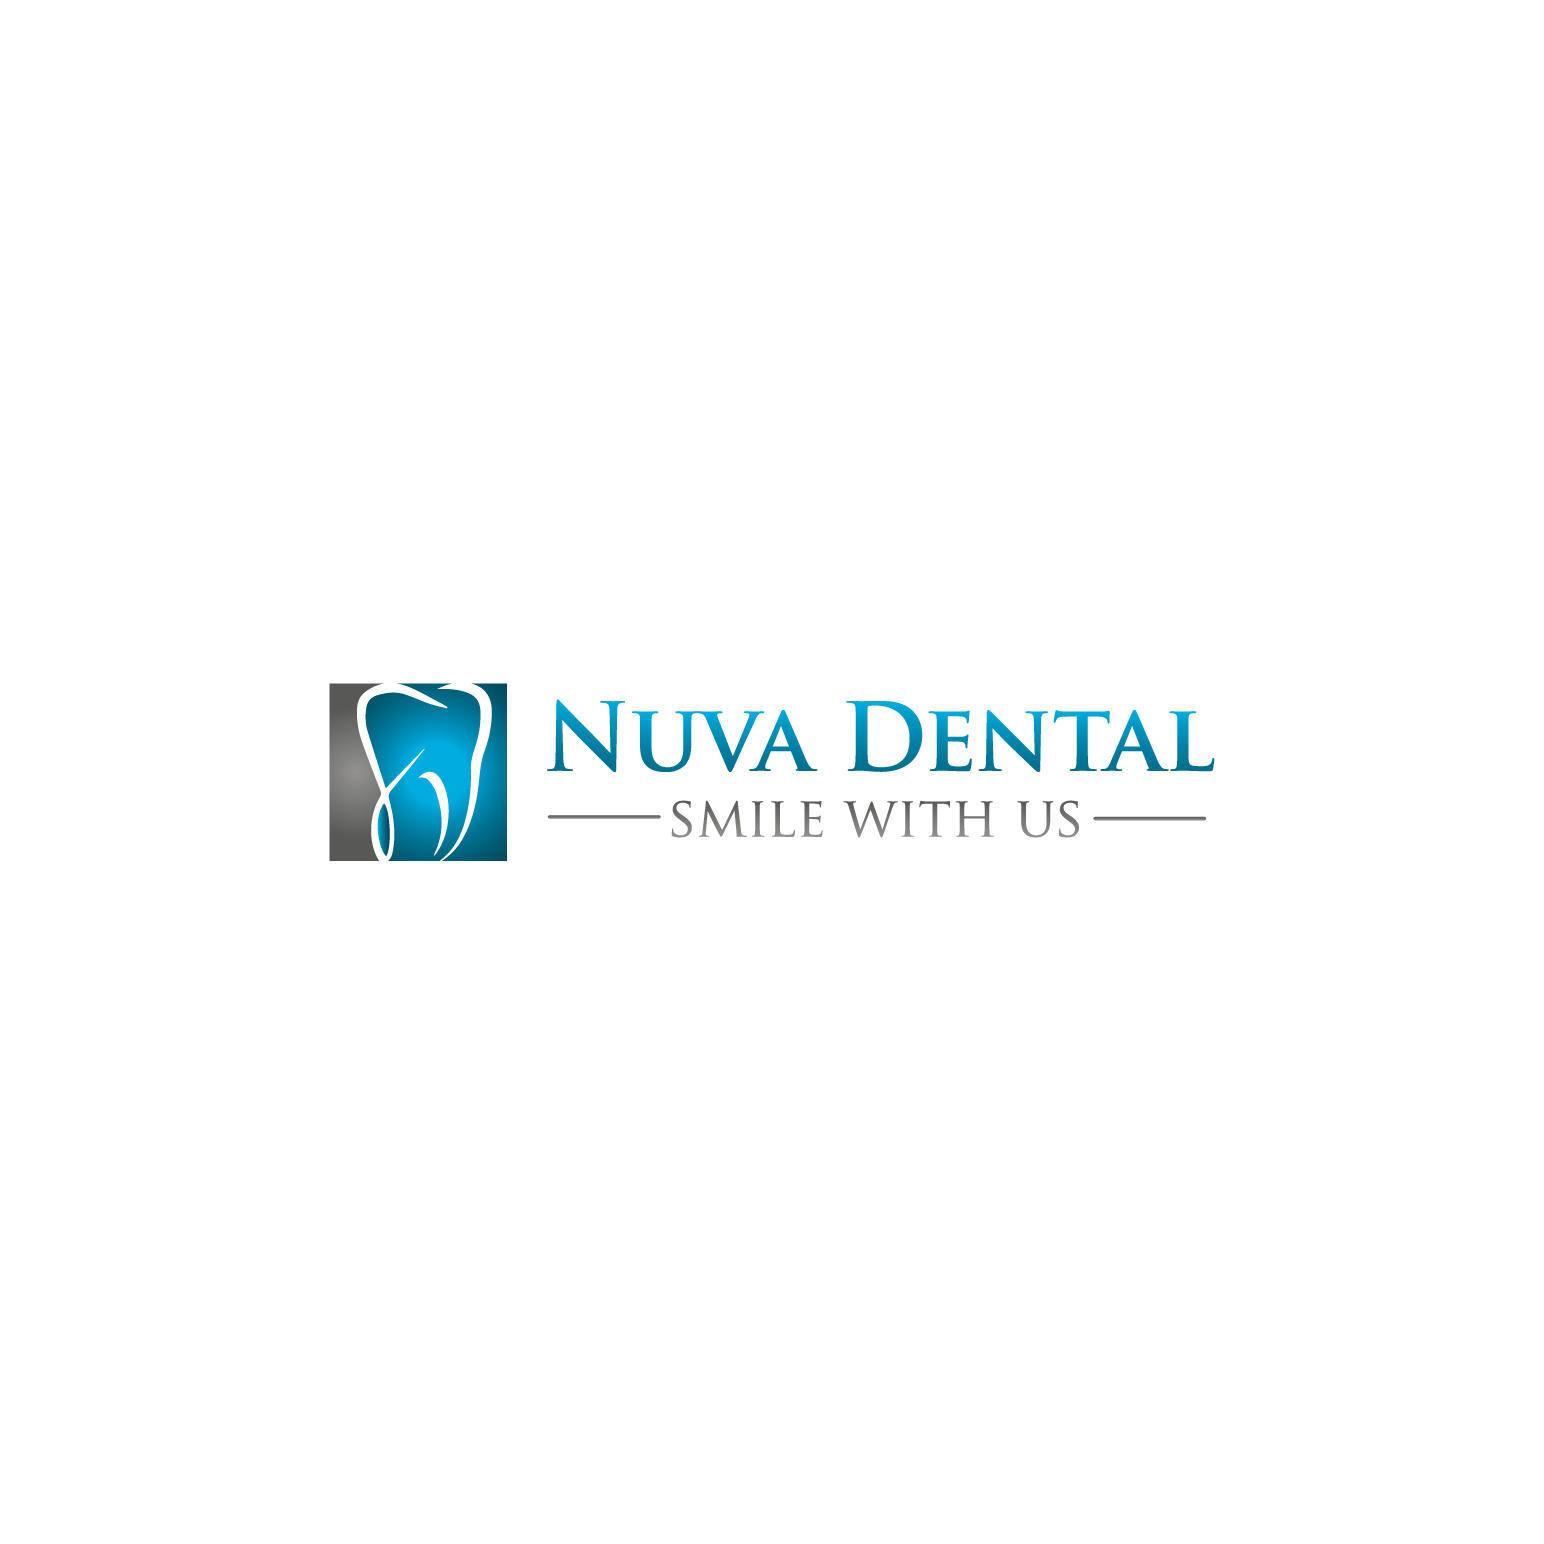 Nuva Dental